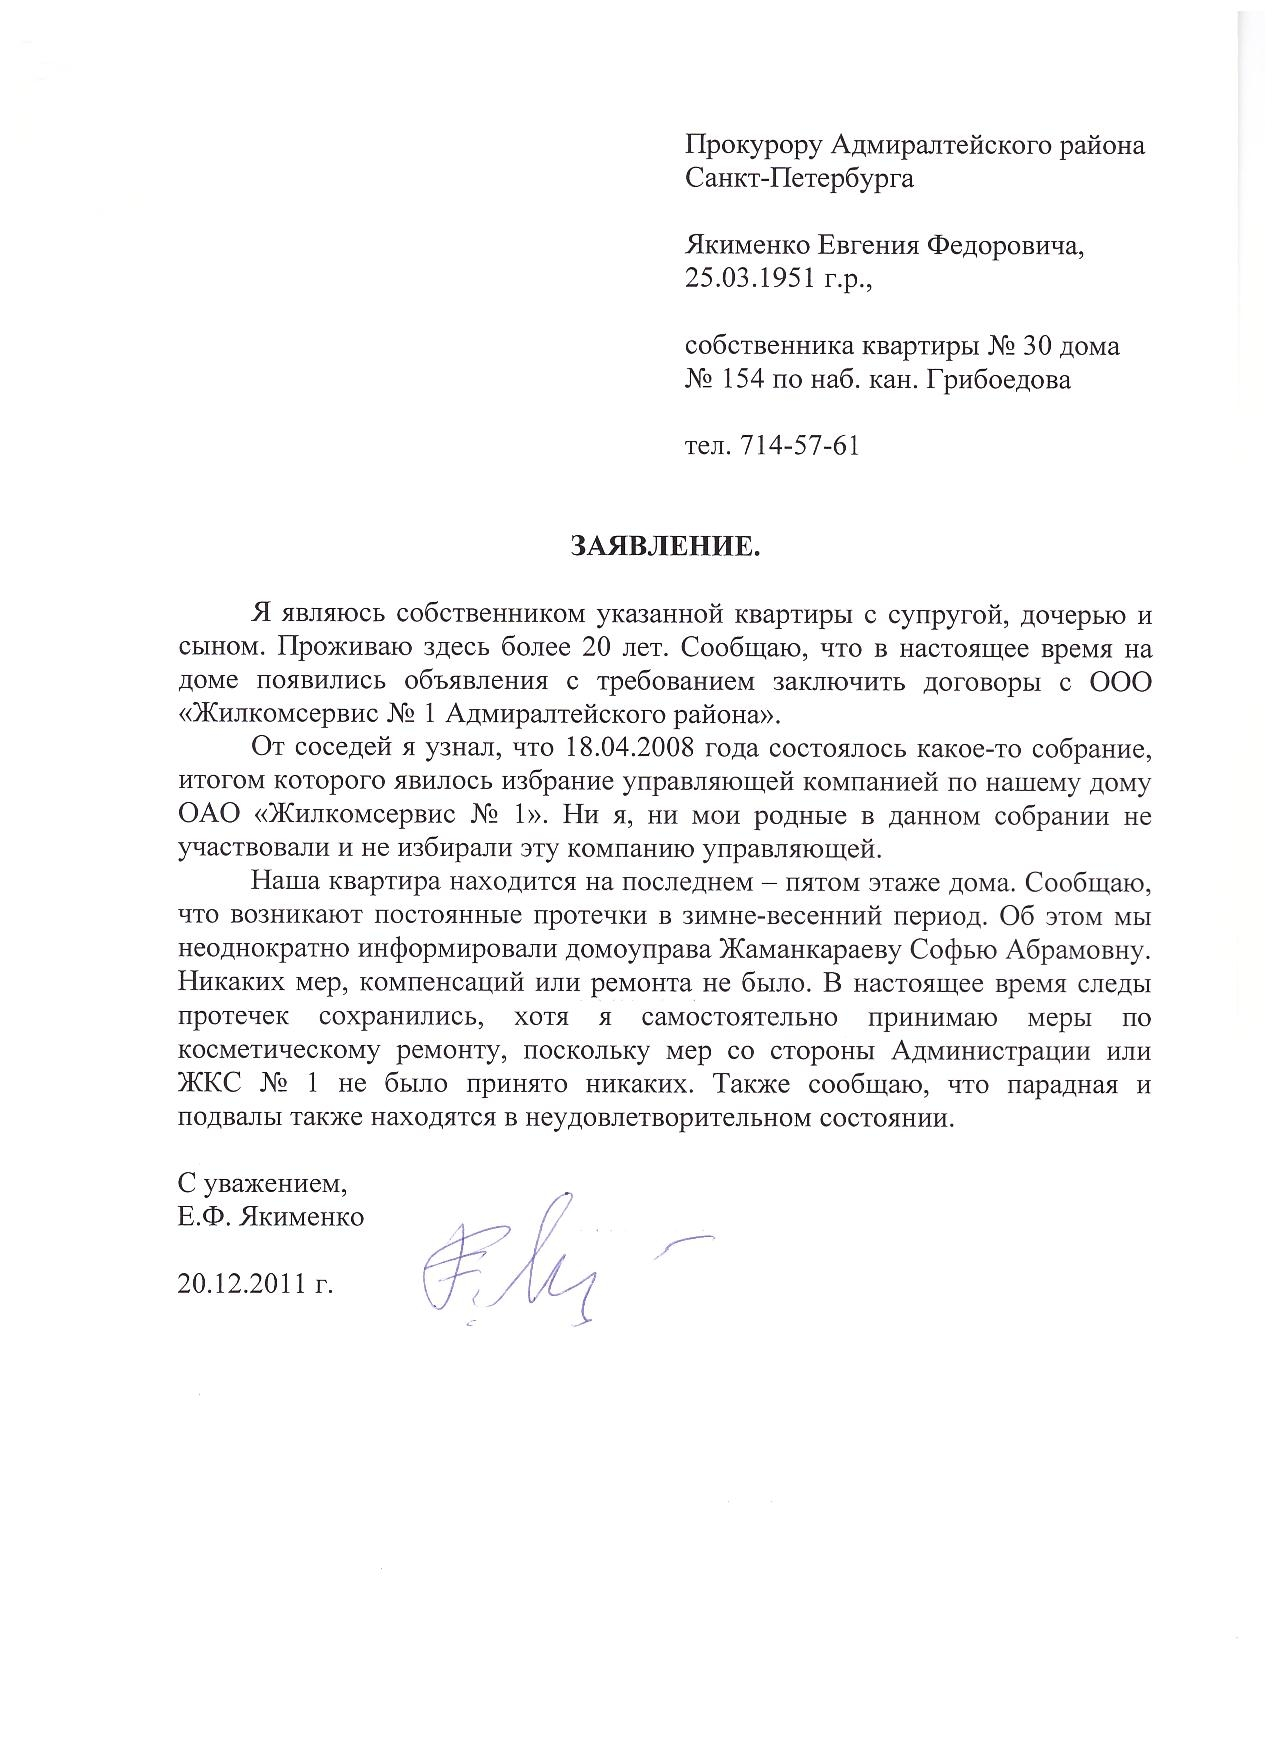 Заявление Якименко.JPG